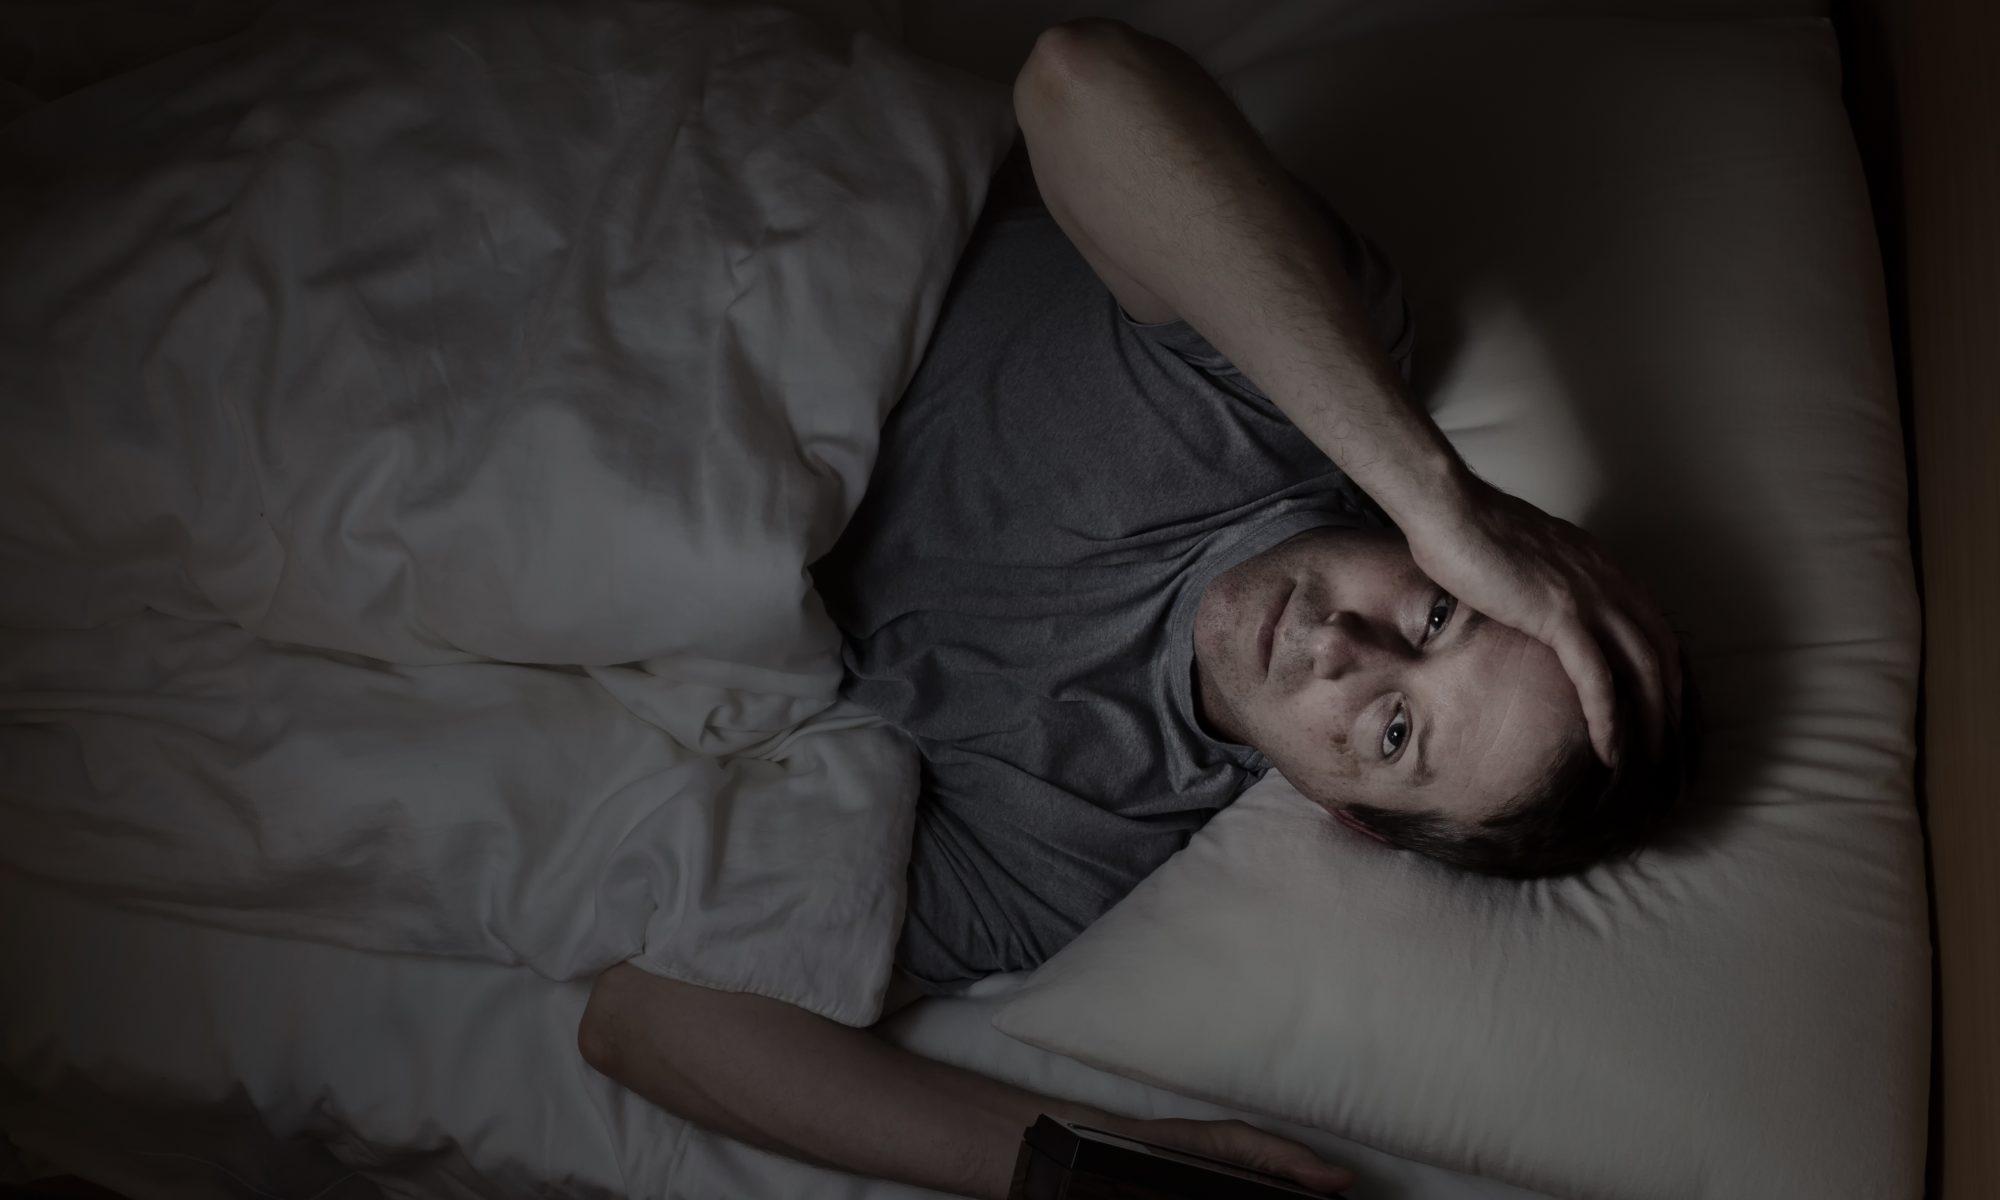 Man med grå t-shirt liggandes vaken i sängen på grund av stress